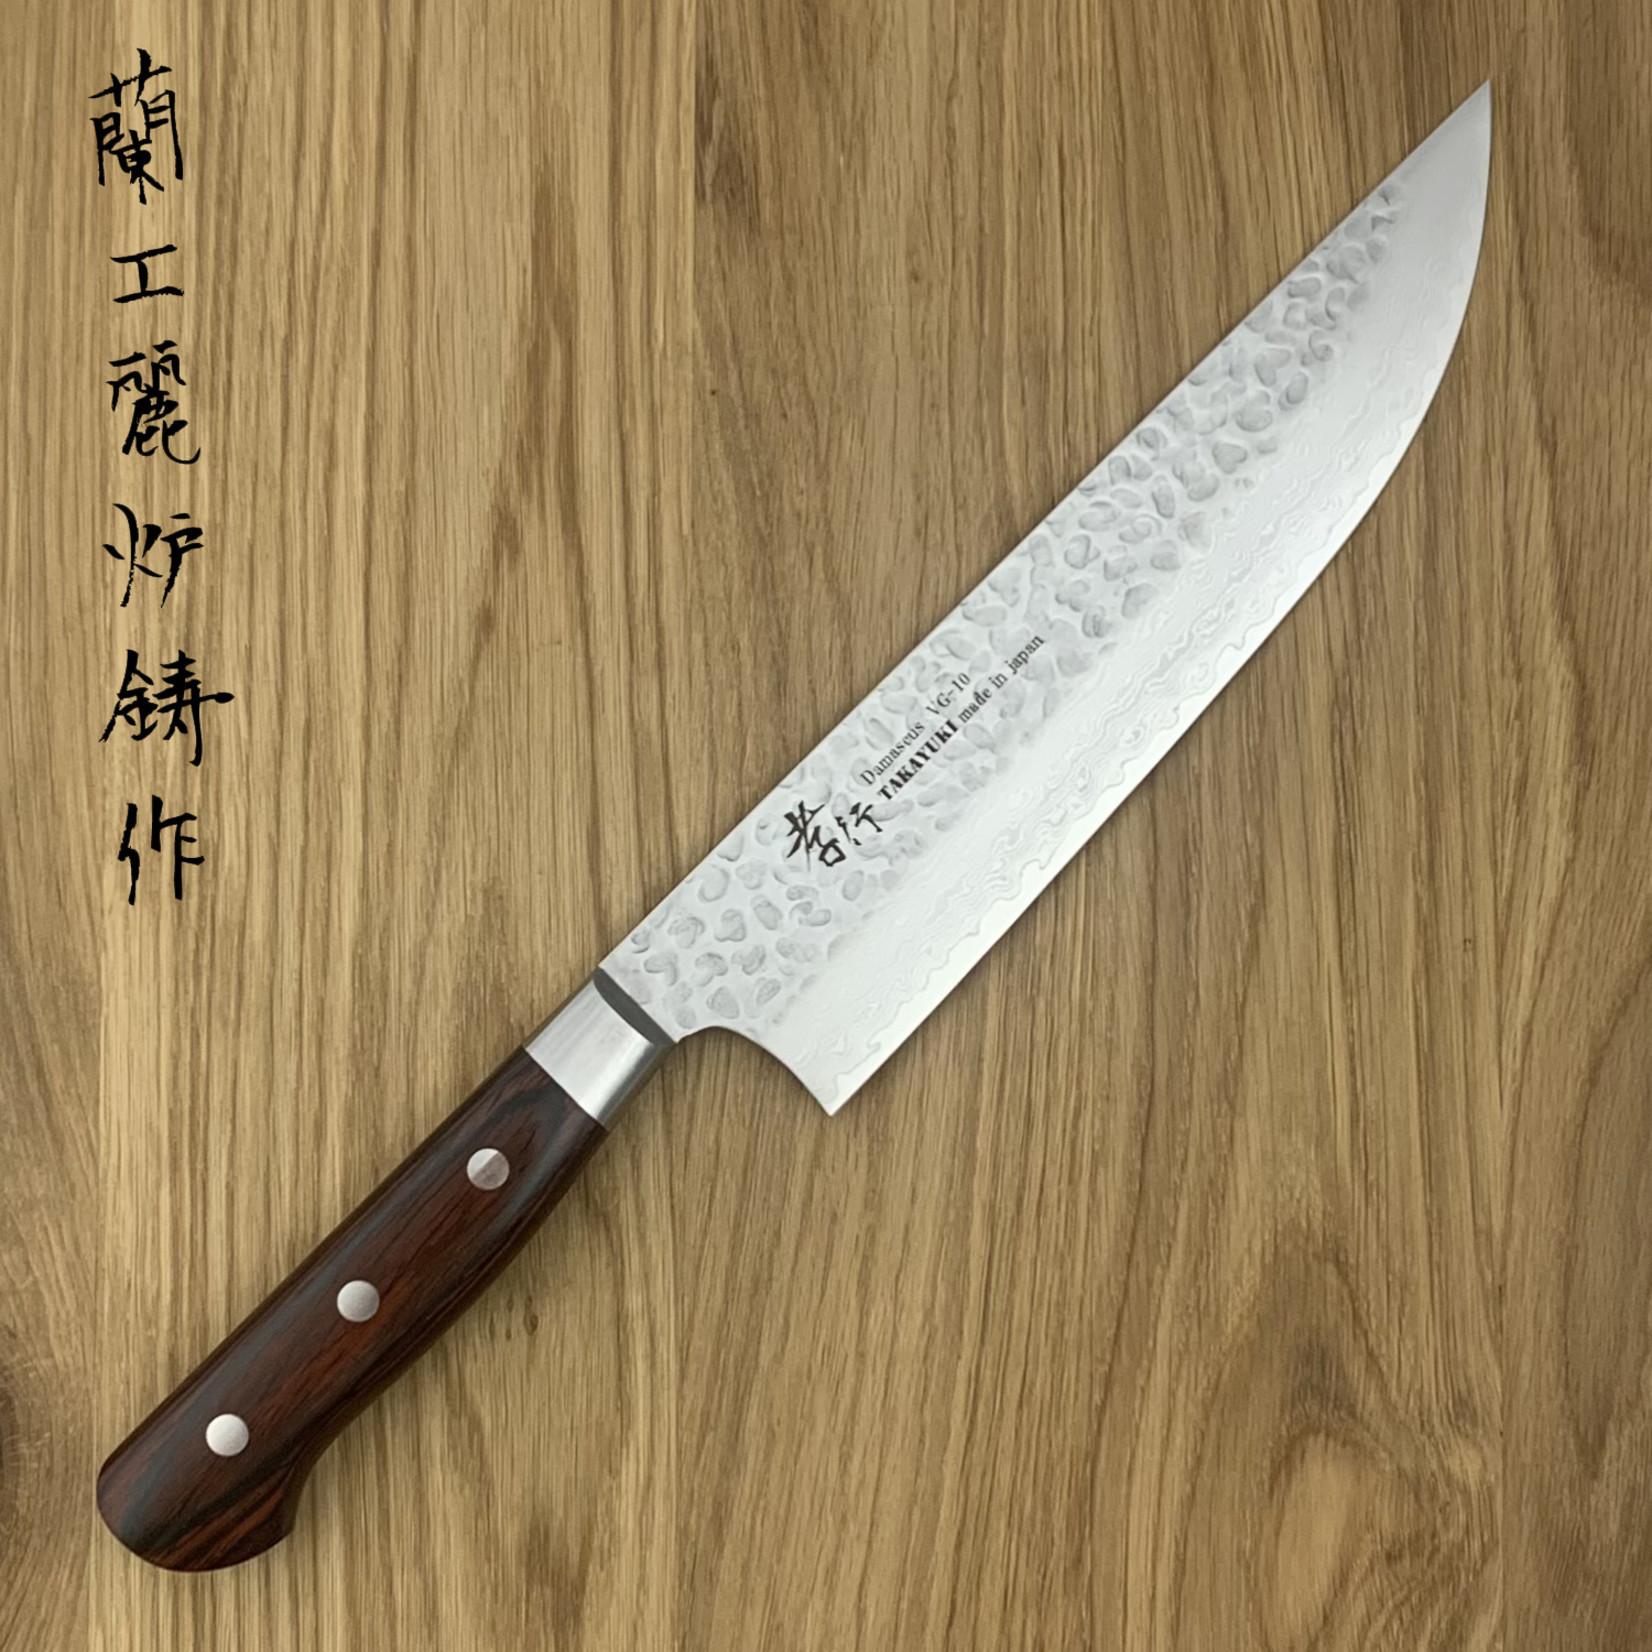 SAKAI TAKAYUKI 33 Layers Butcher 210 mm 07404